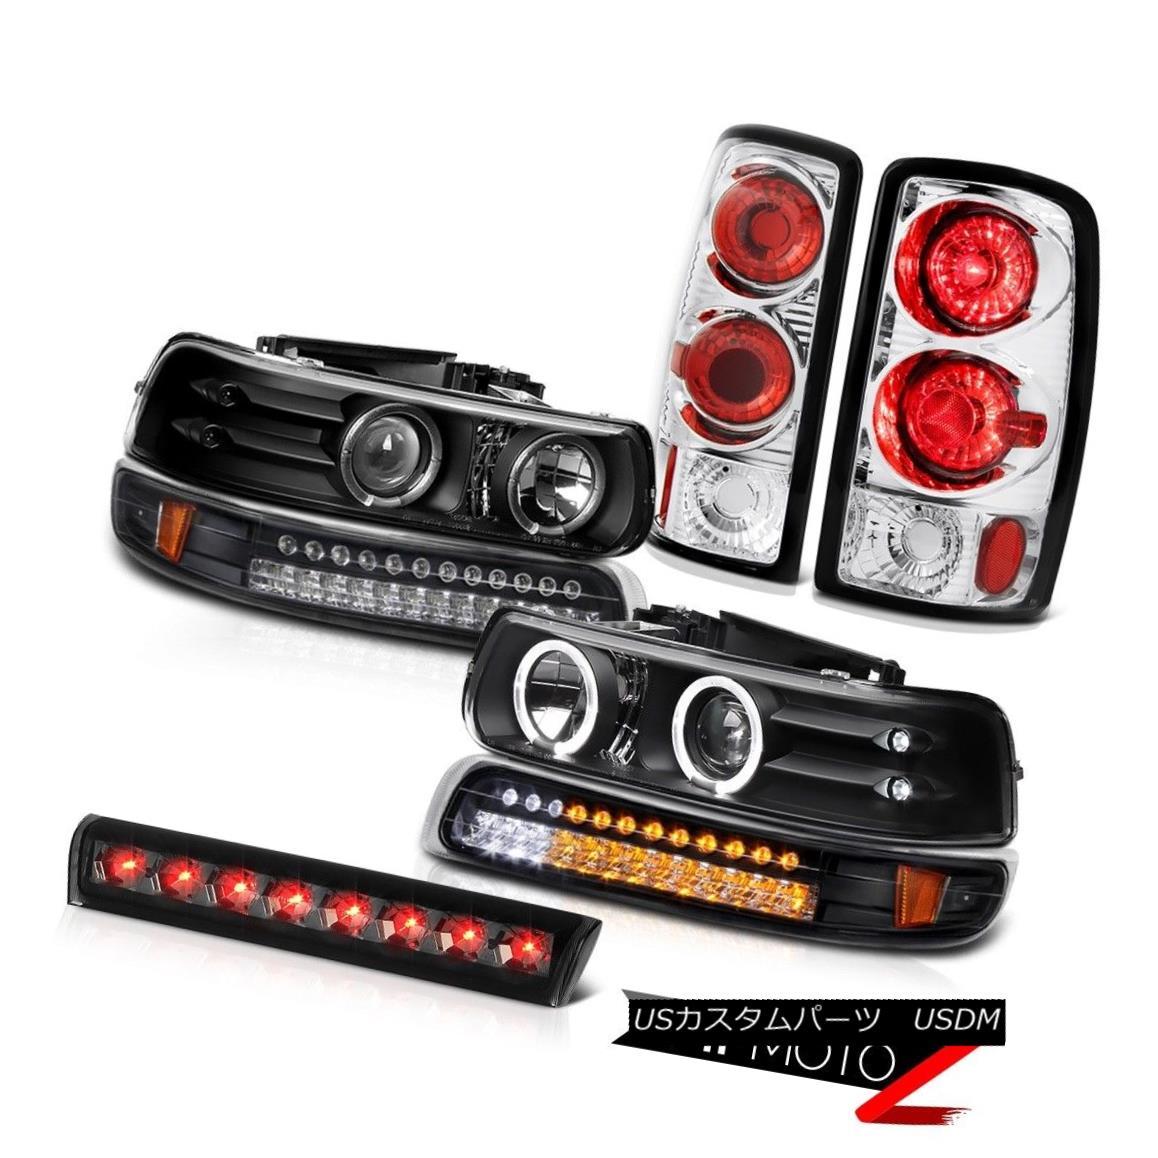 ヘッドライト Halo Headlights LED Black Bumper Chrome Rear Tail Lamps 3rd 00-06 Suburban 5.7L HaloヘッドライトLEDブラックバンパークロームリアテールランプ3rd 00-06郊外5.7L